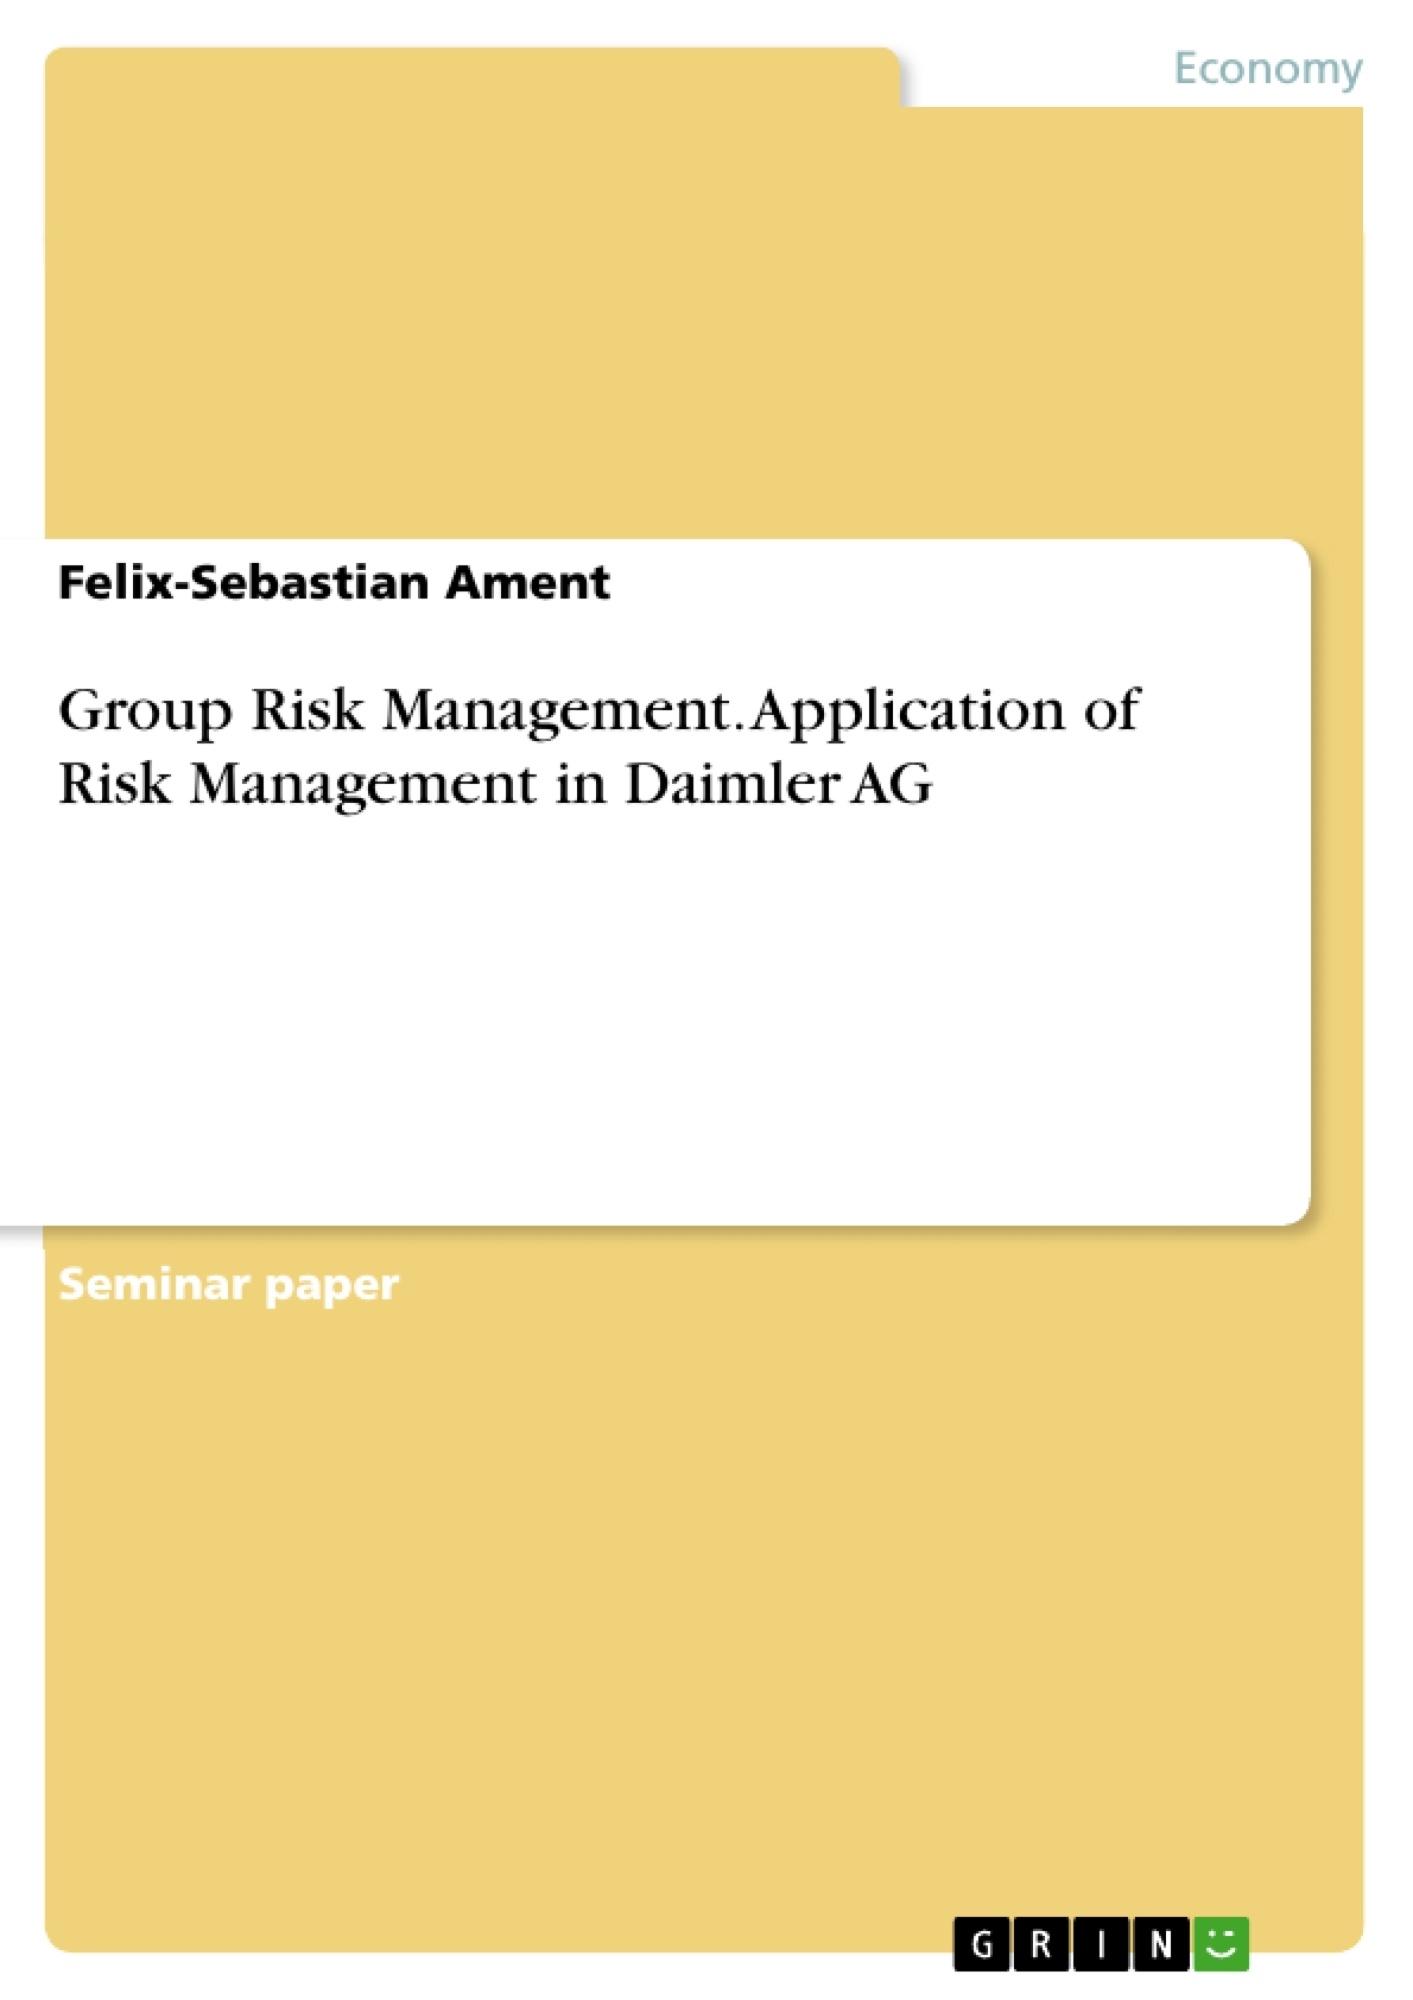 Title: Group Risk Management. Application of Risk Management in Daimler AG